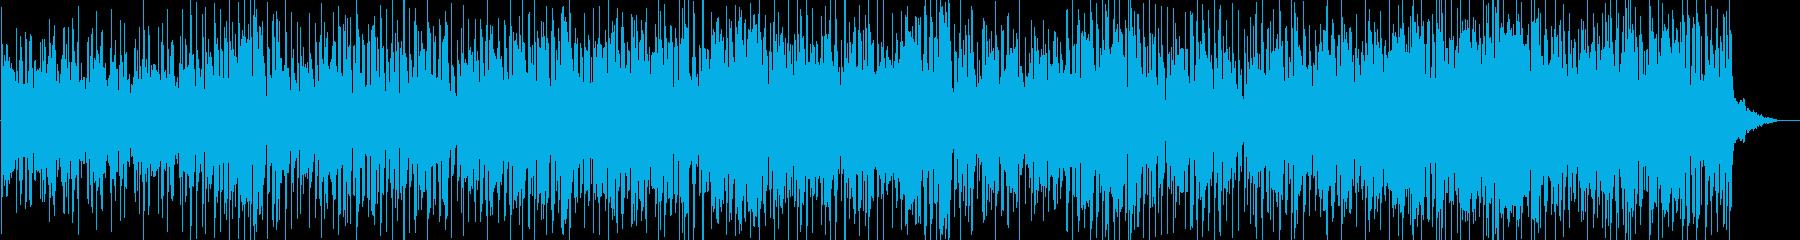 大人の恋の別れ際をイメージしたBGMの再生済みの波形